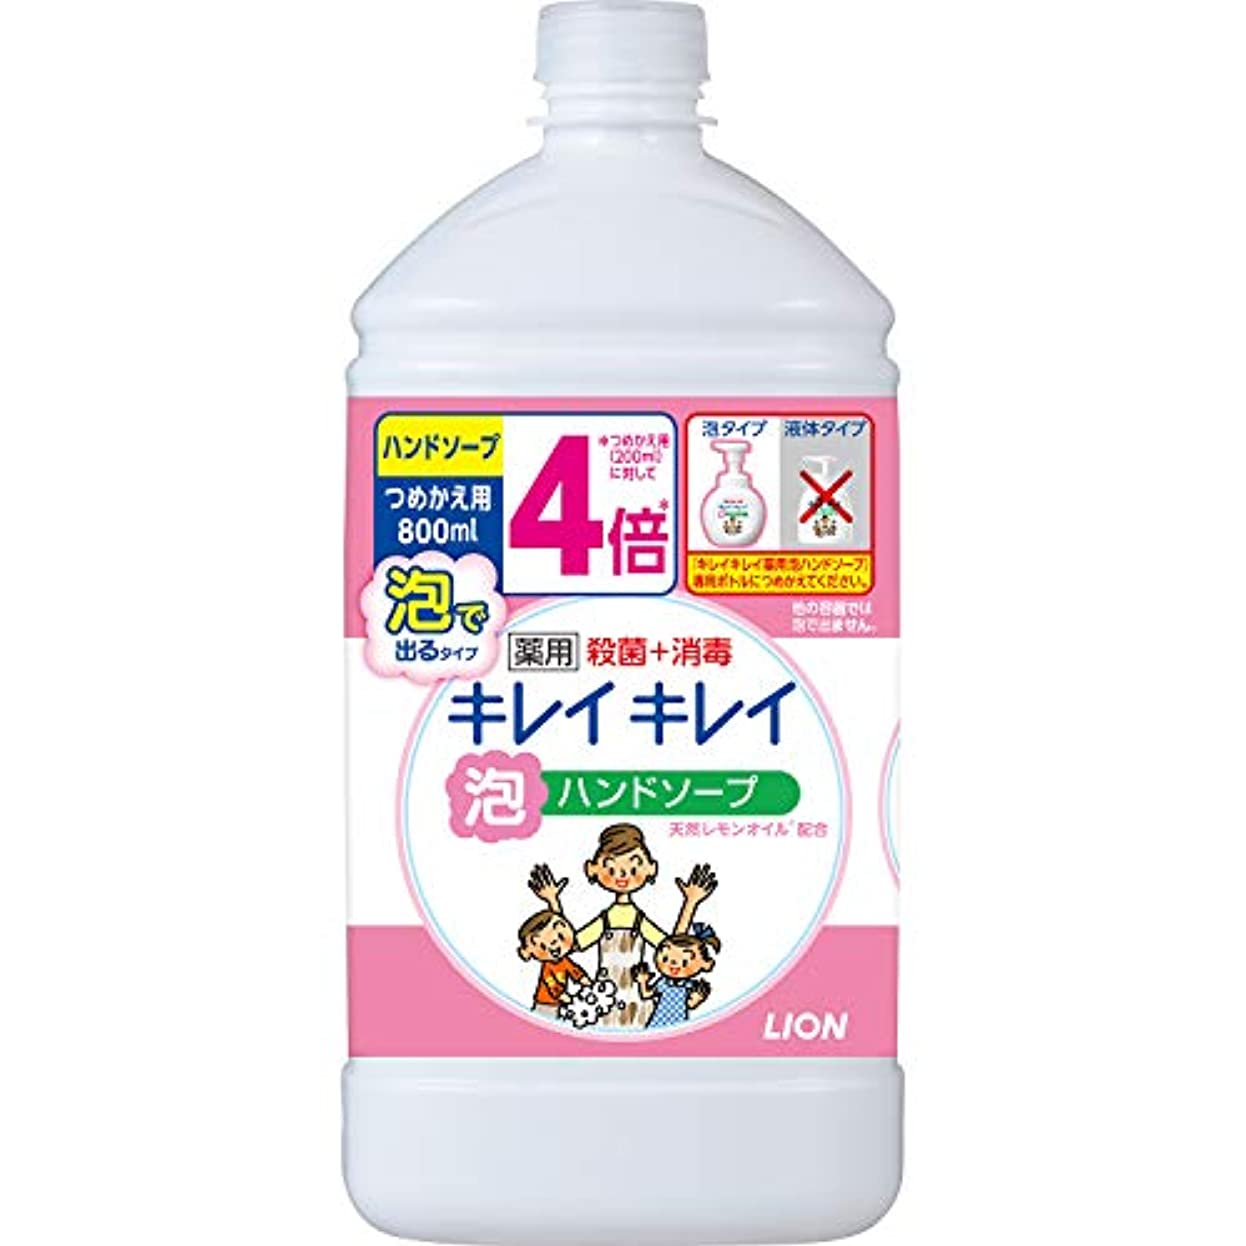 安価な微妙やろう(医薬部外品)【大容量】キレイキレイ 薬用 泡ハンドソープ シトラスフルーティの香り 詰替特大 800ml